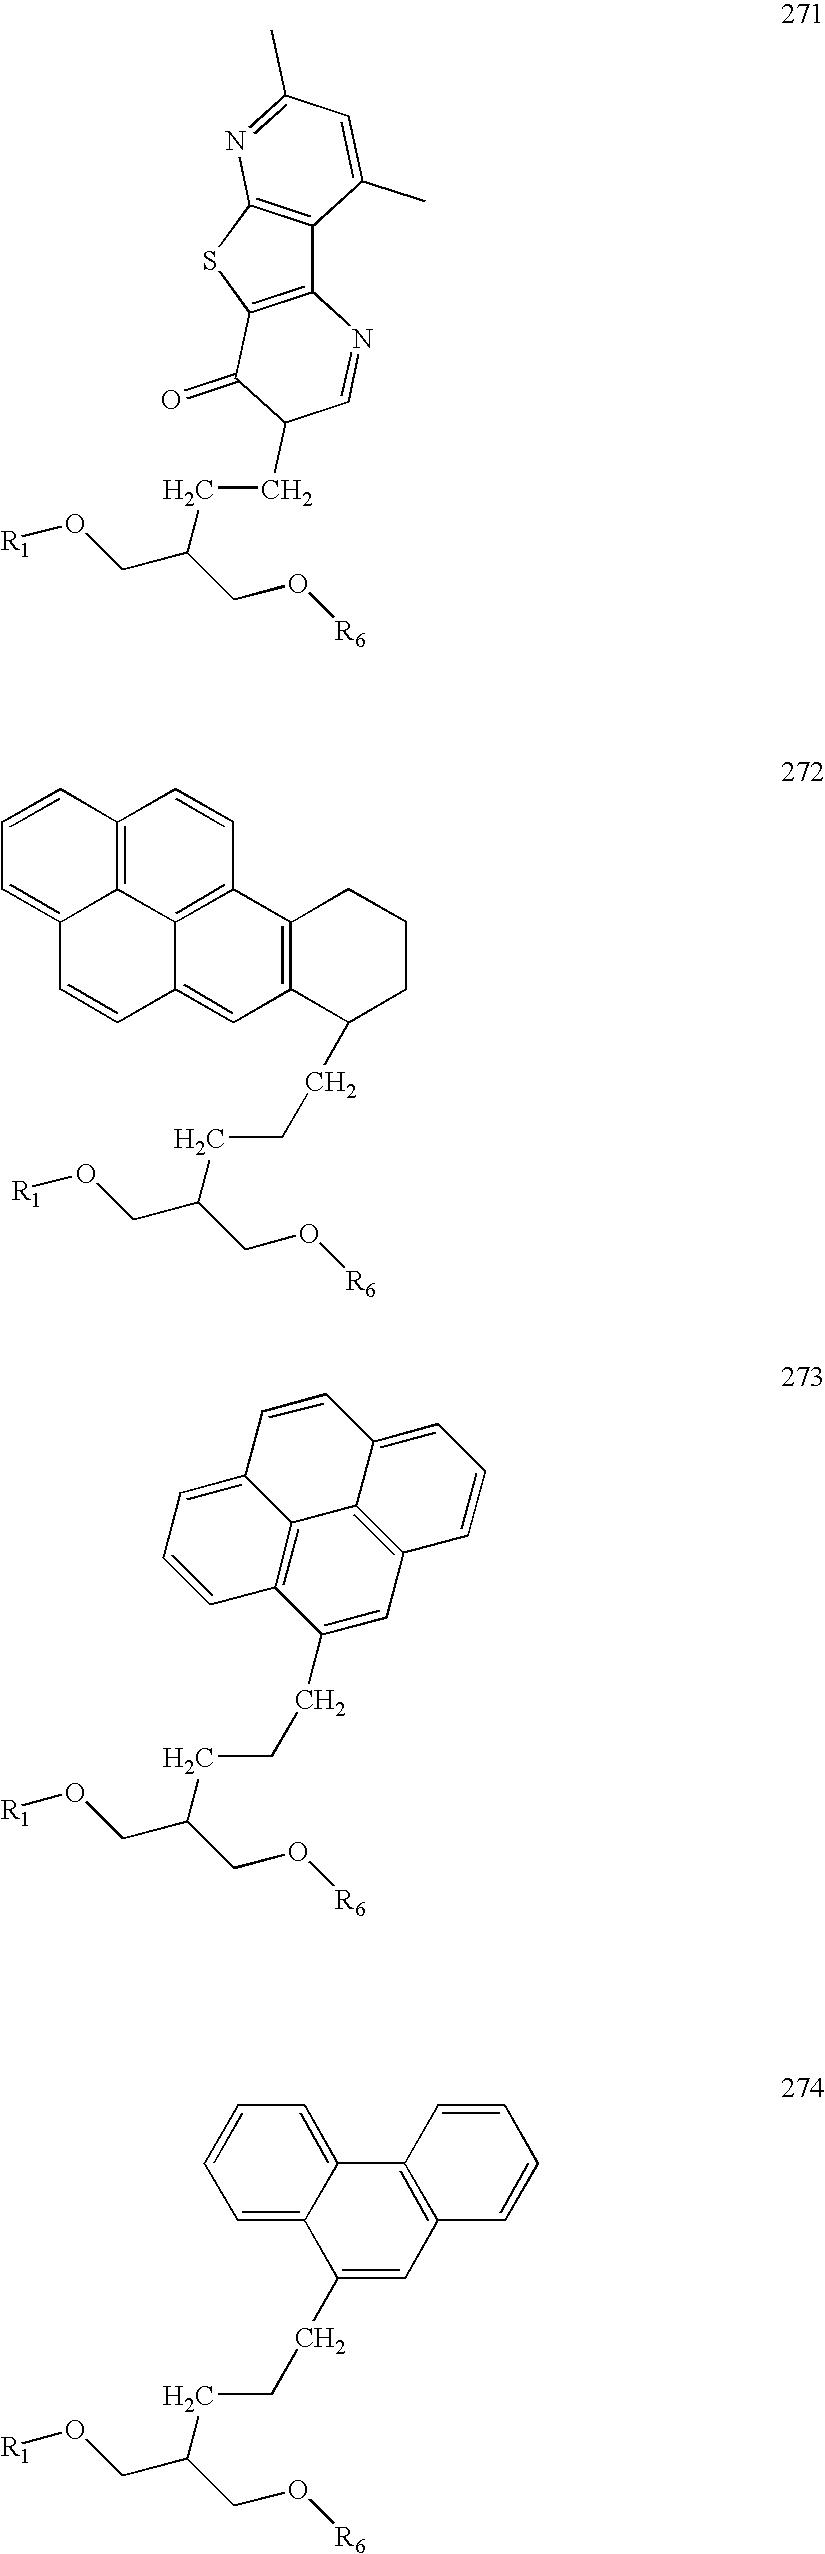 Figure US20060014144A1-20060119-C00147